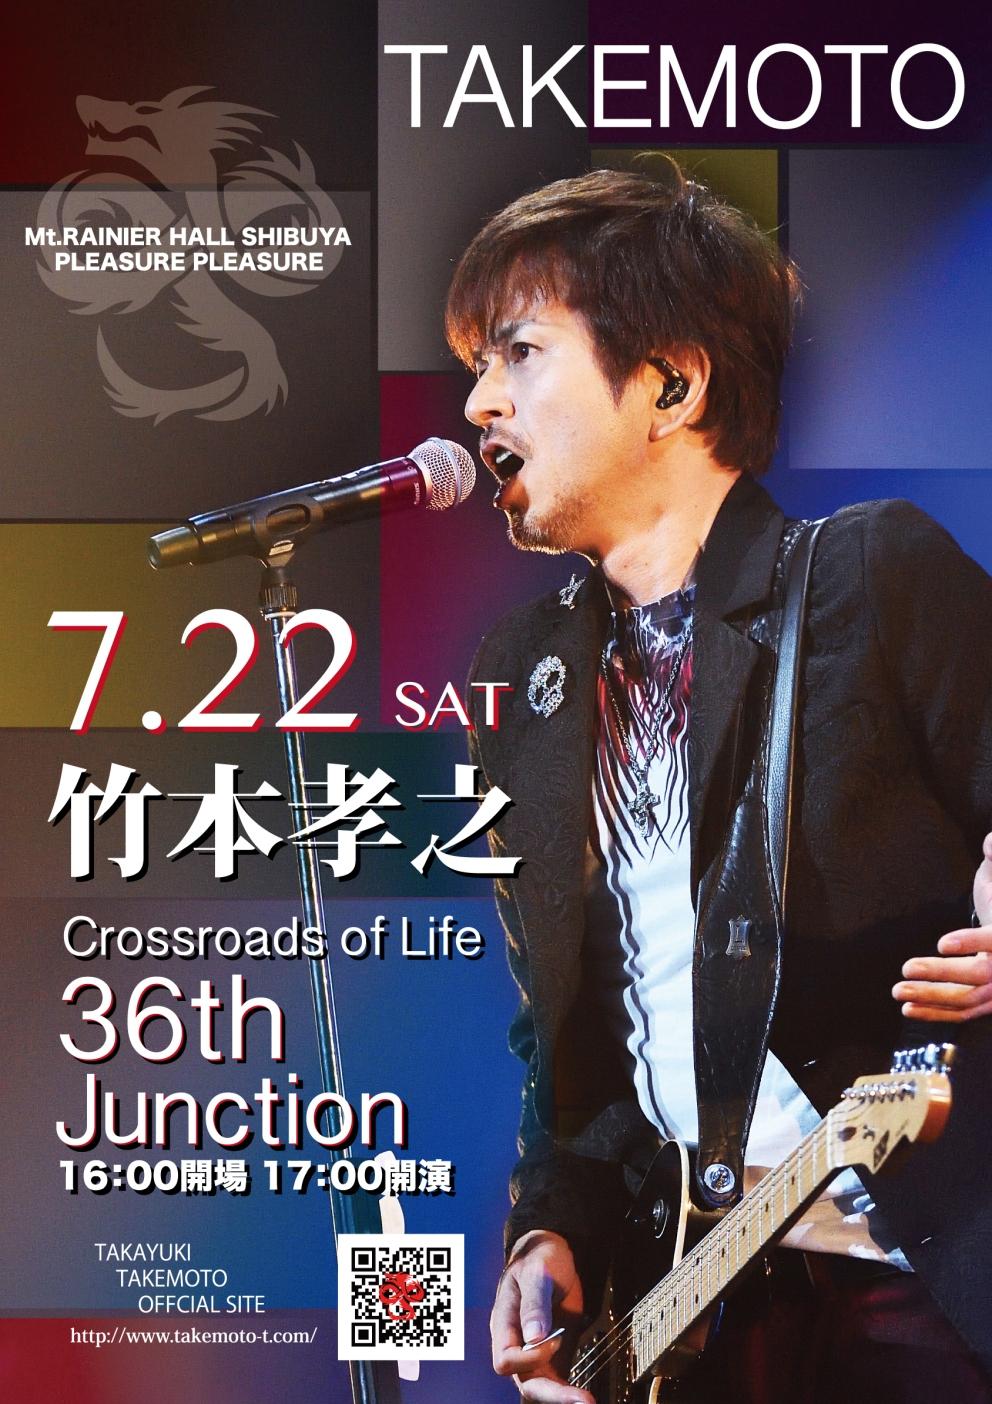 竹本孝之デビュー36周年記念コンサート「36th Junction」